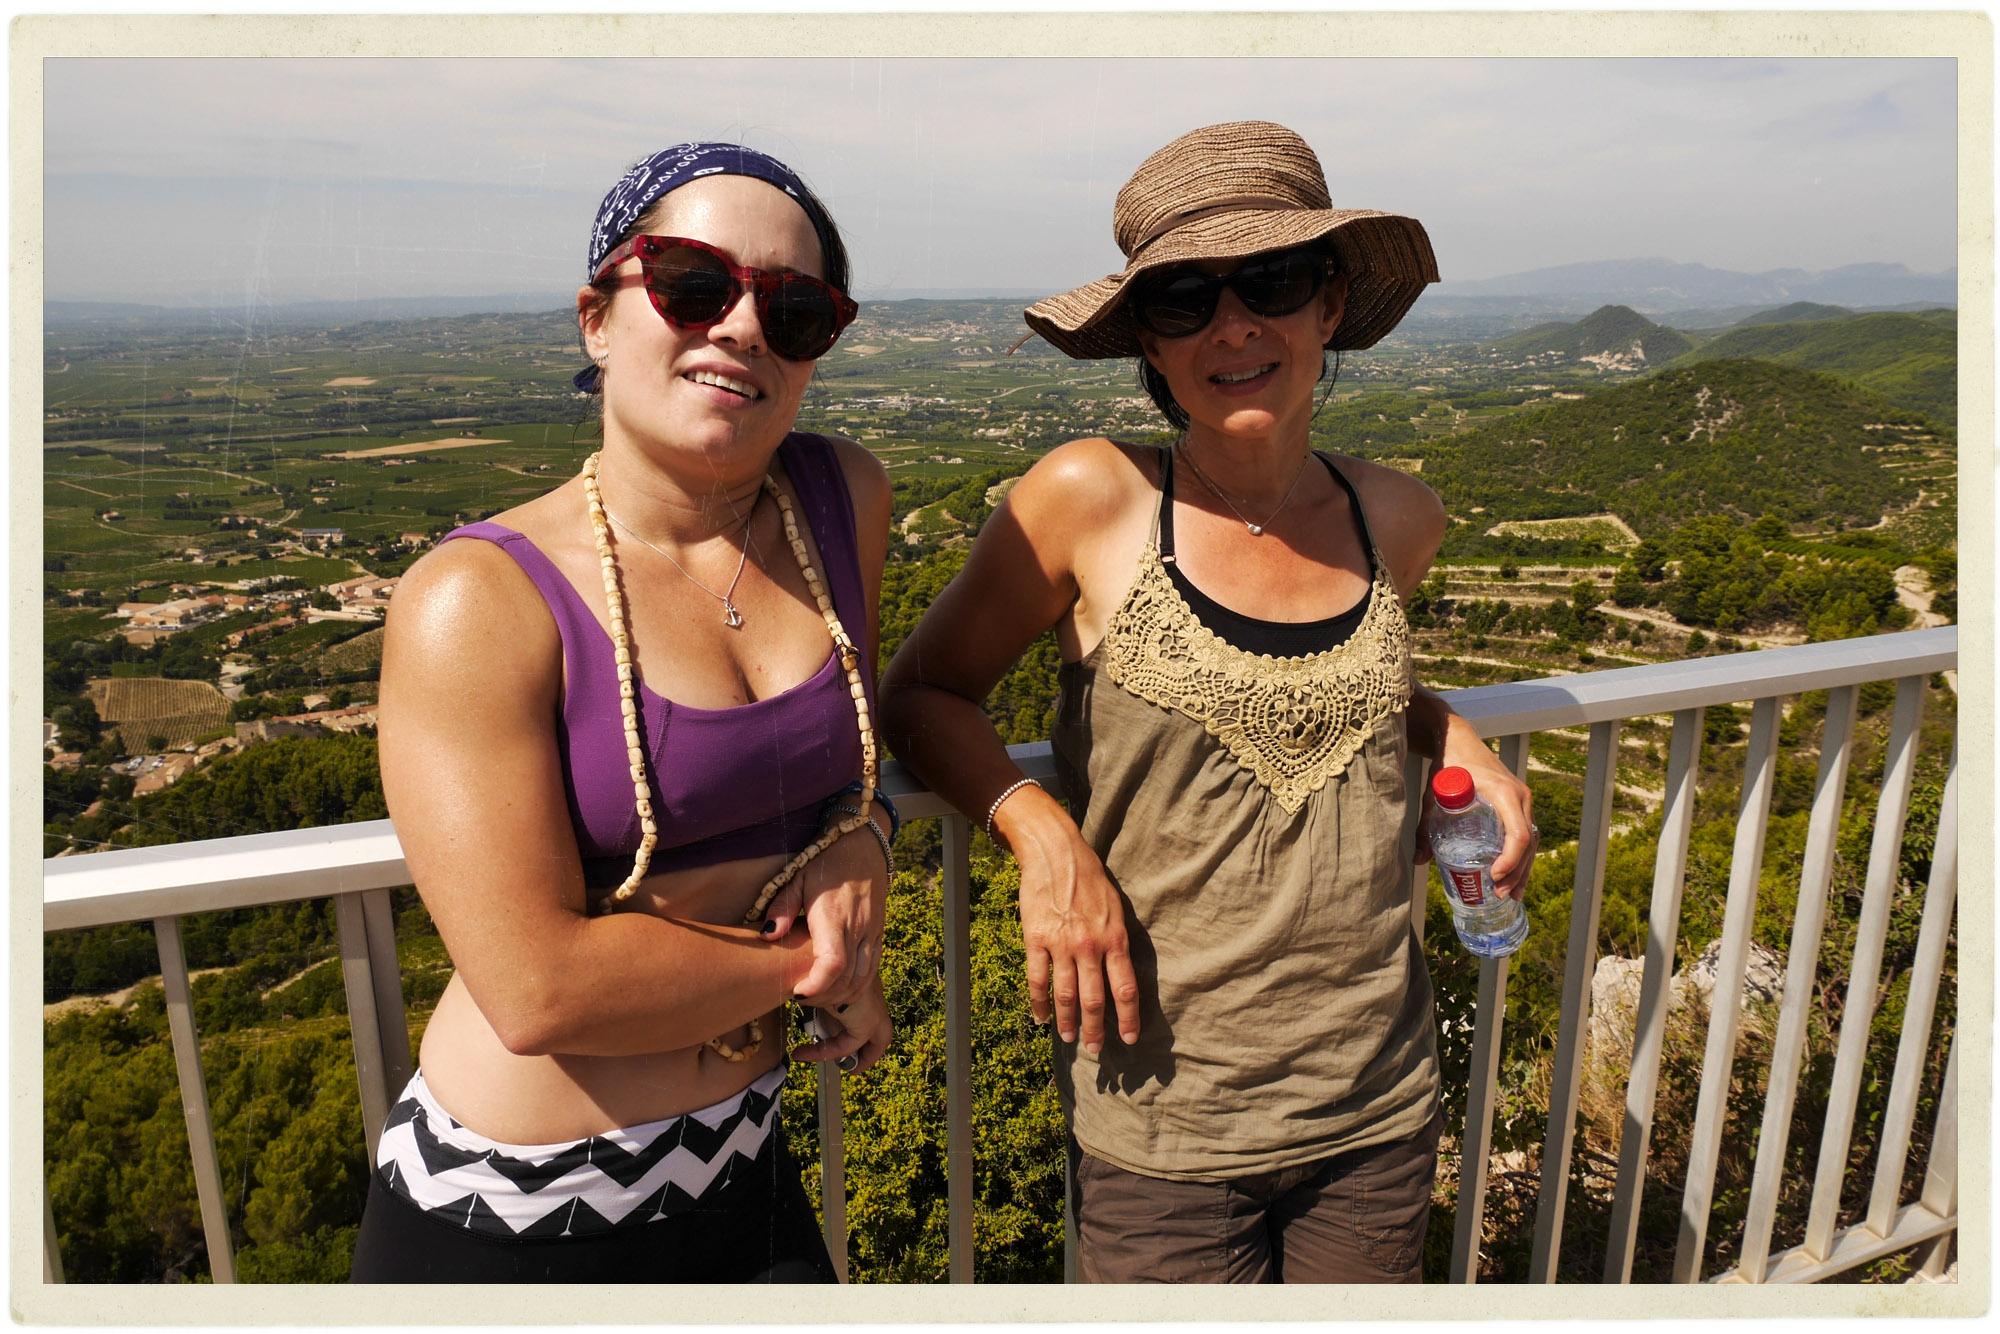 Me and Nat at the observation platform above Gigondas.